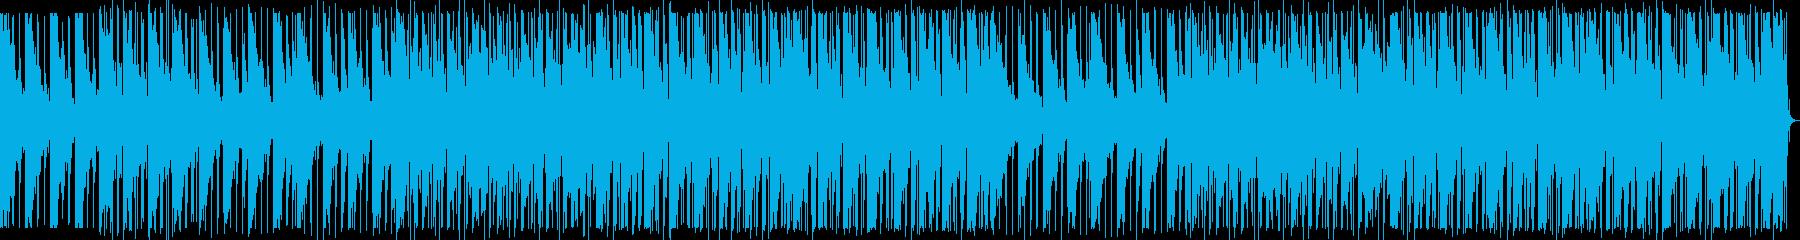 柔らかなR&B_No639_6の再生済みの波形